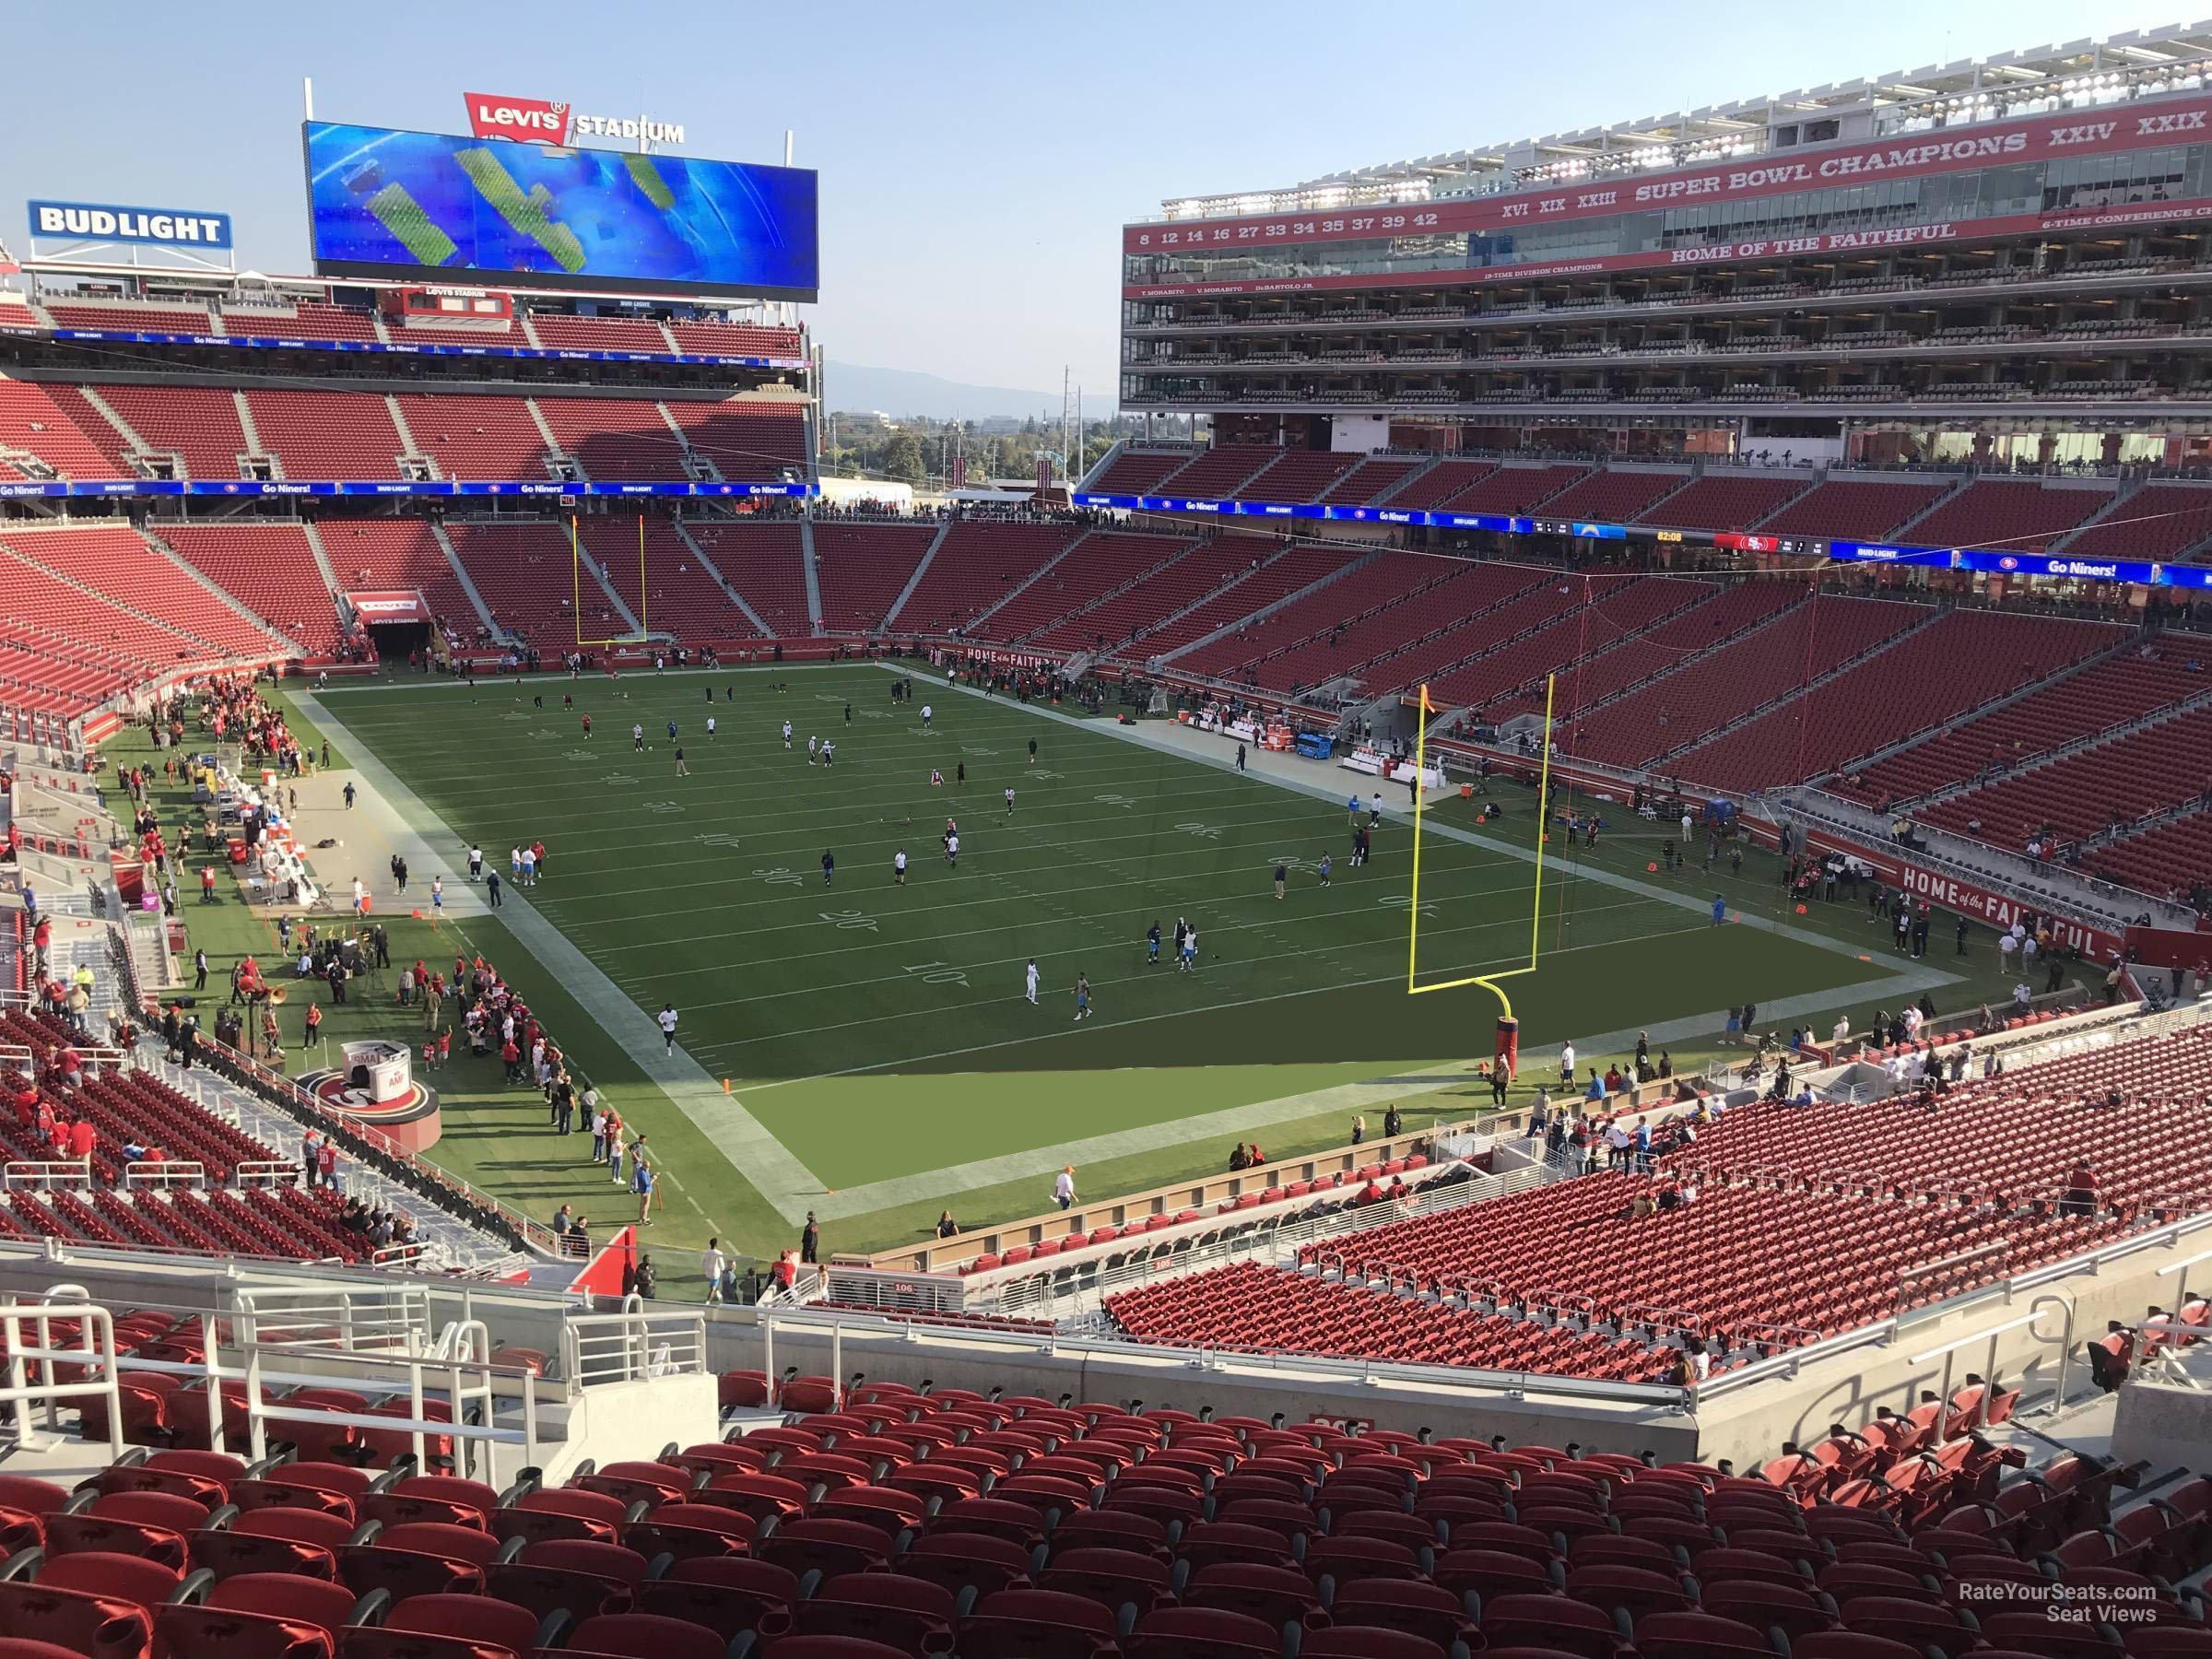 levi's stadium section 206 - rateyourseats